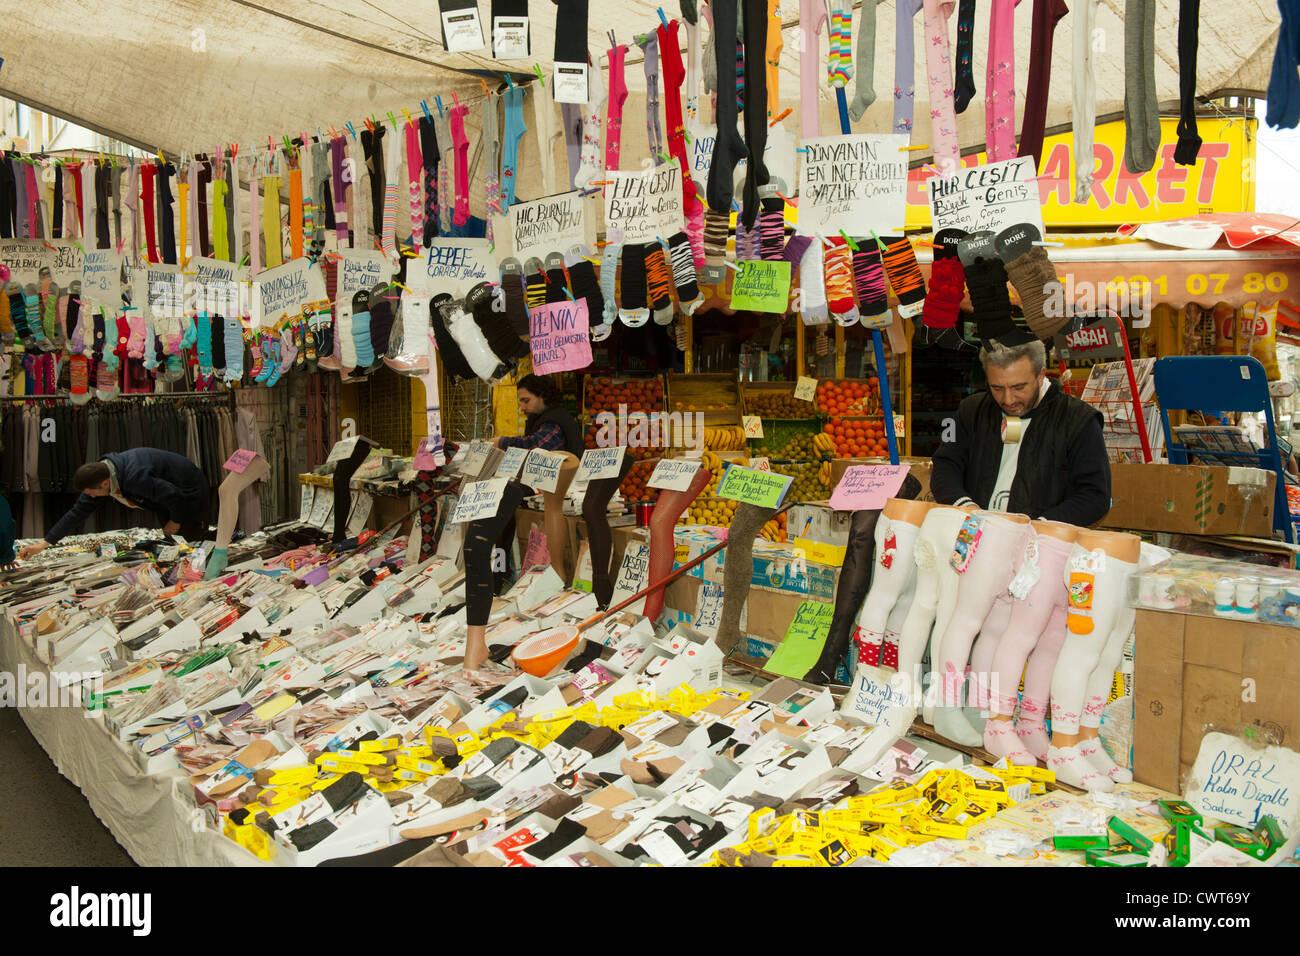 Türkei, Istanbul, Fatih, Carsamba Pazari oder Frauenmarkt, jeden Mittwoch an der Fatih-Moschee. Stock Photo